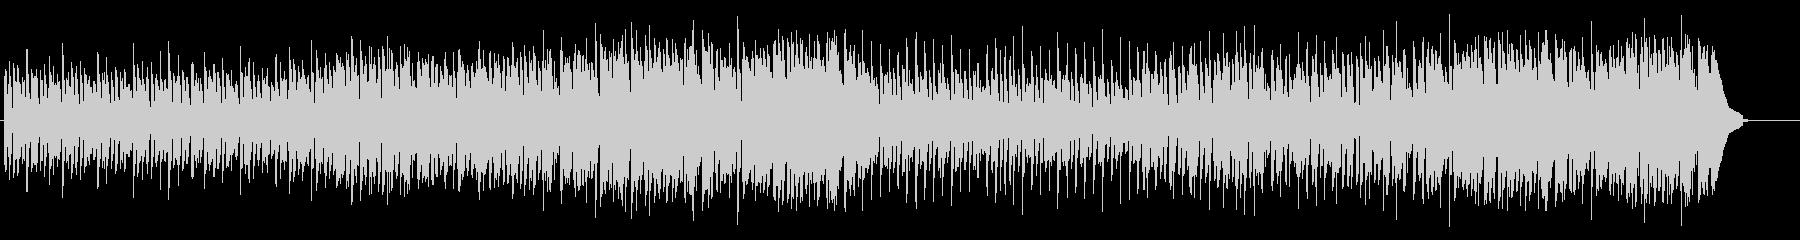 ウクレレ・エネルギッシュ・ポジティブの未再生の波形